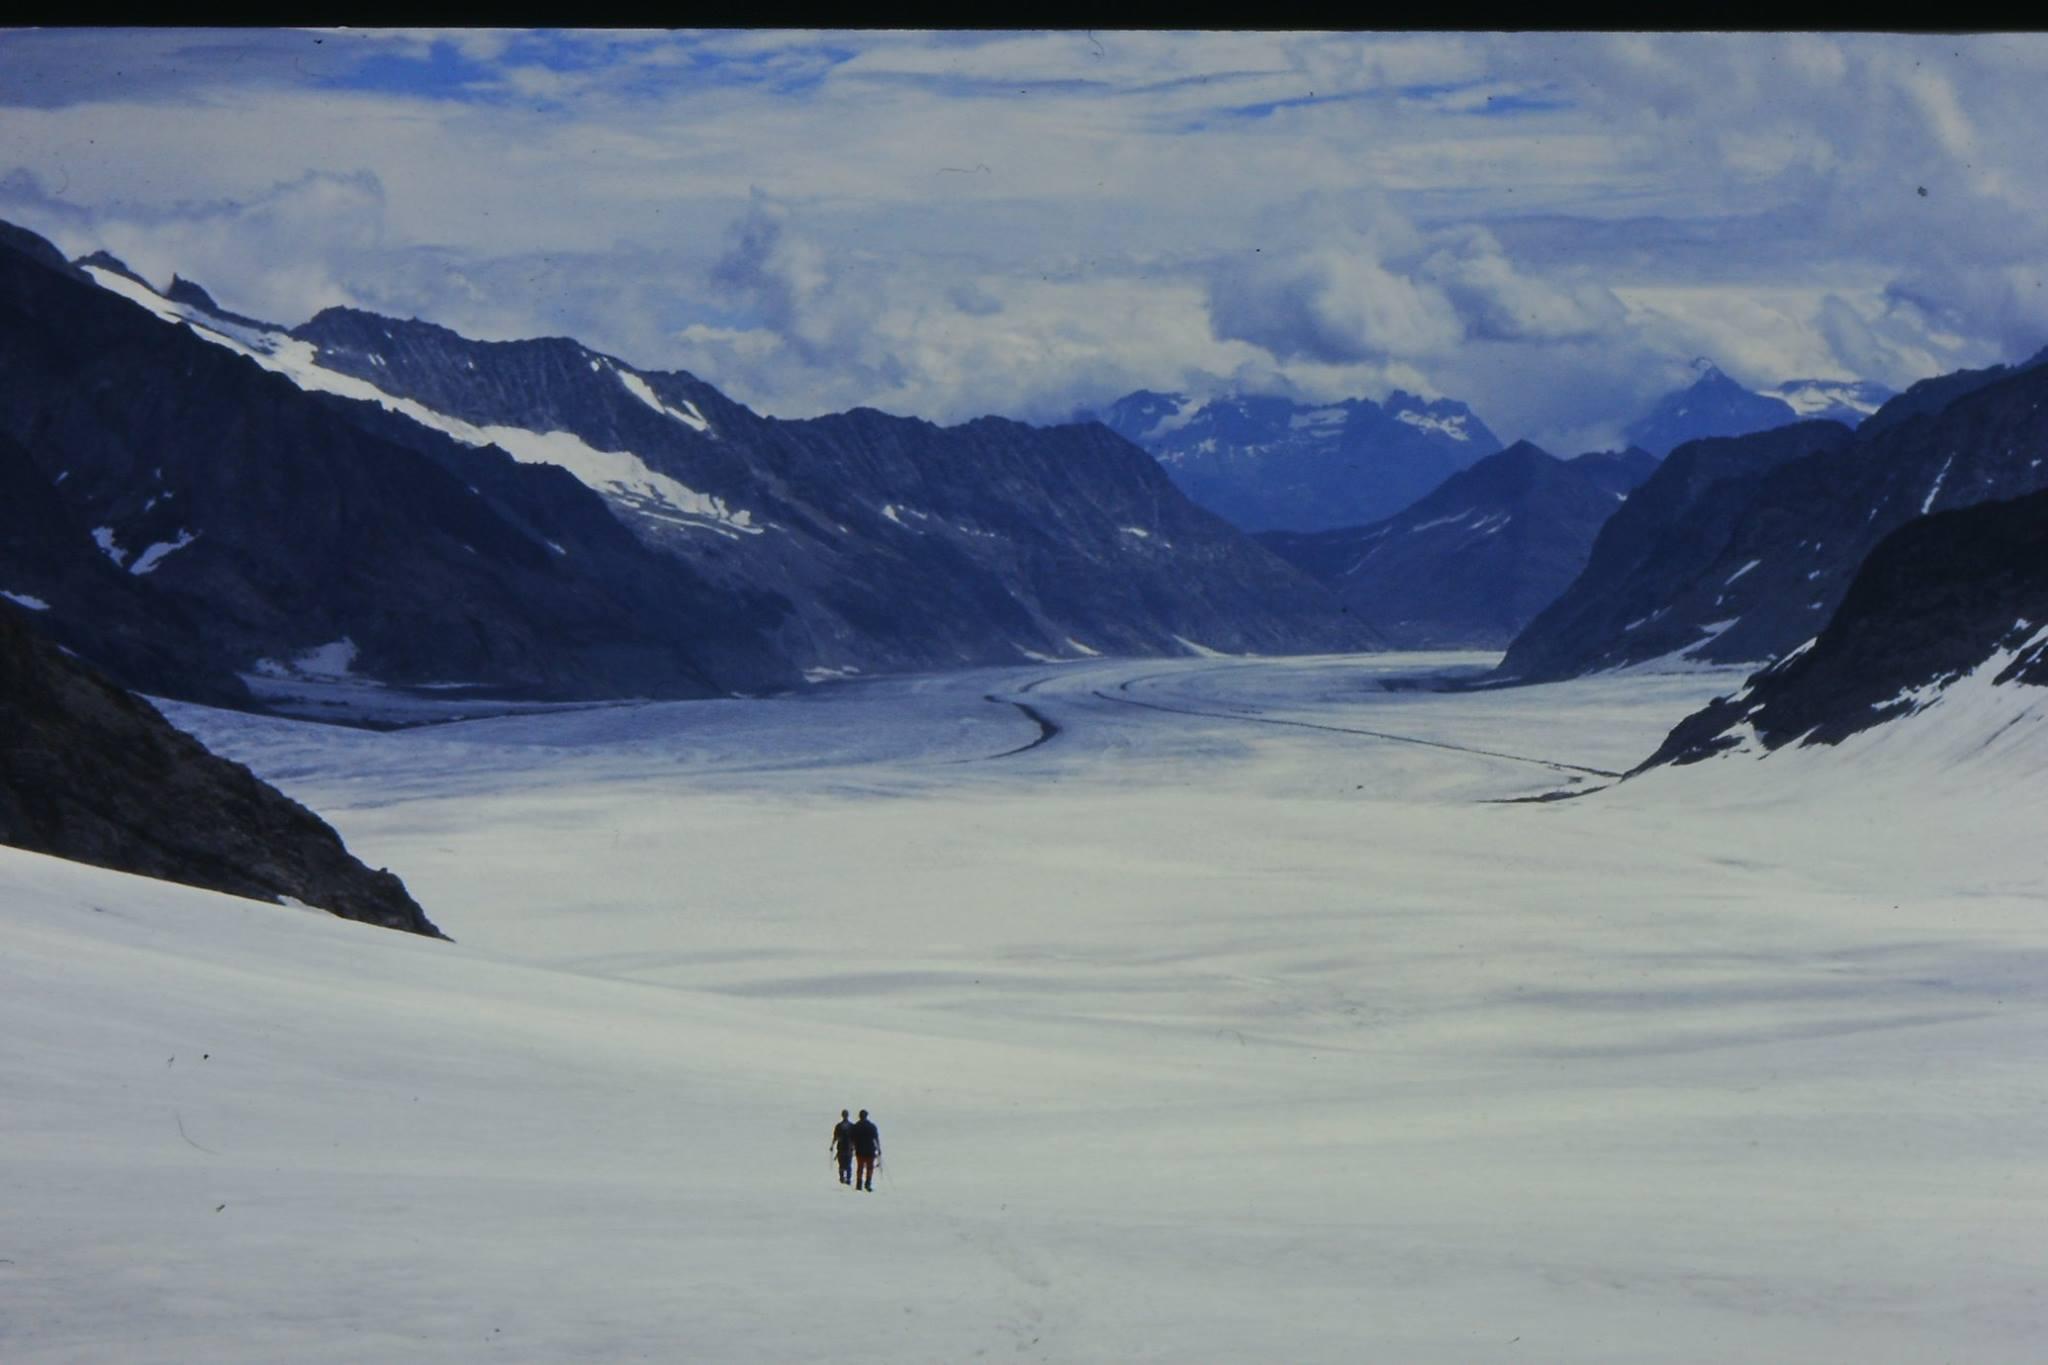 ヨーロッパアルプス最大のアレッチ氷河